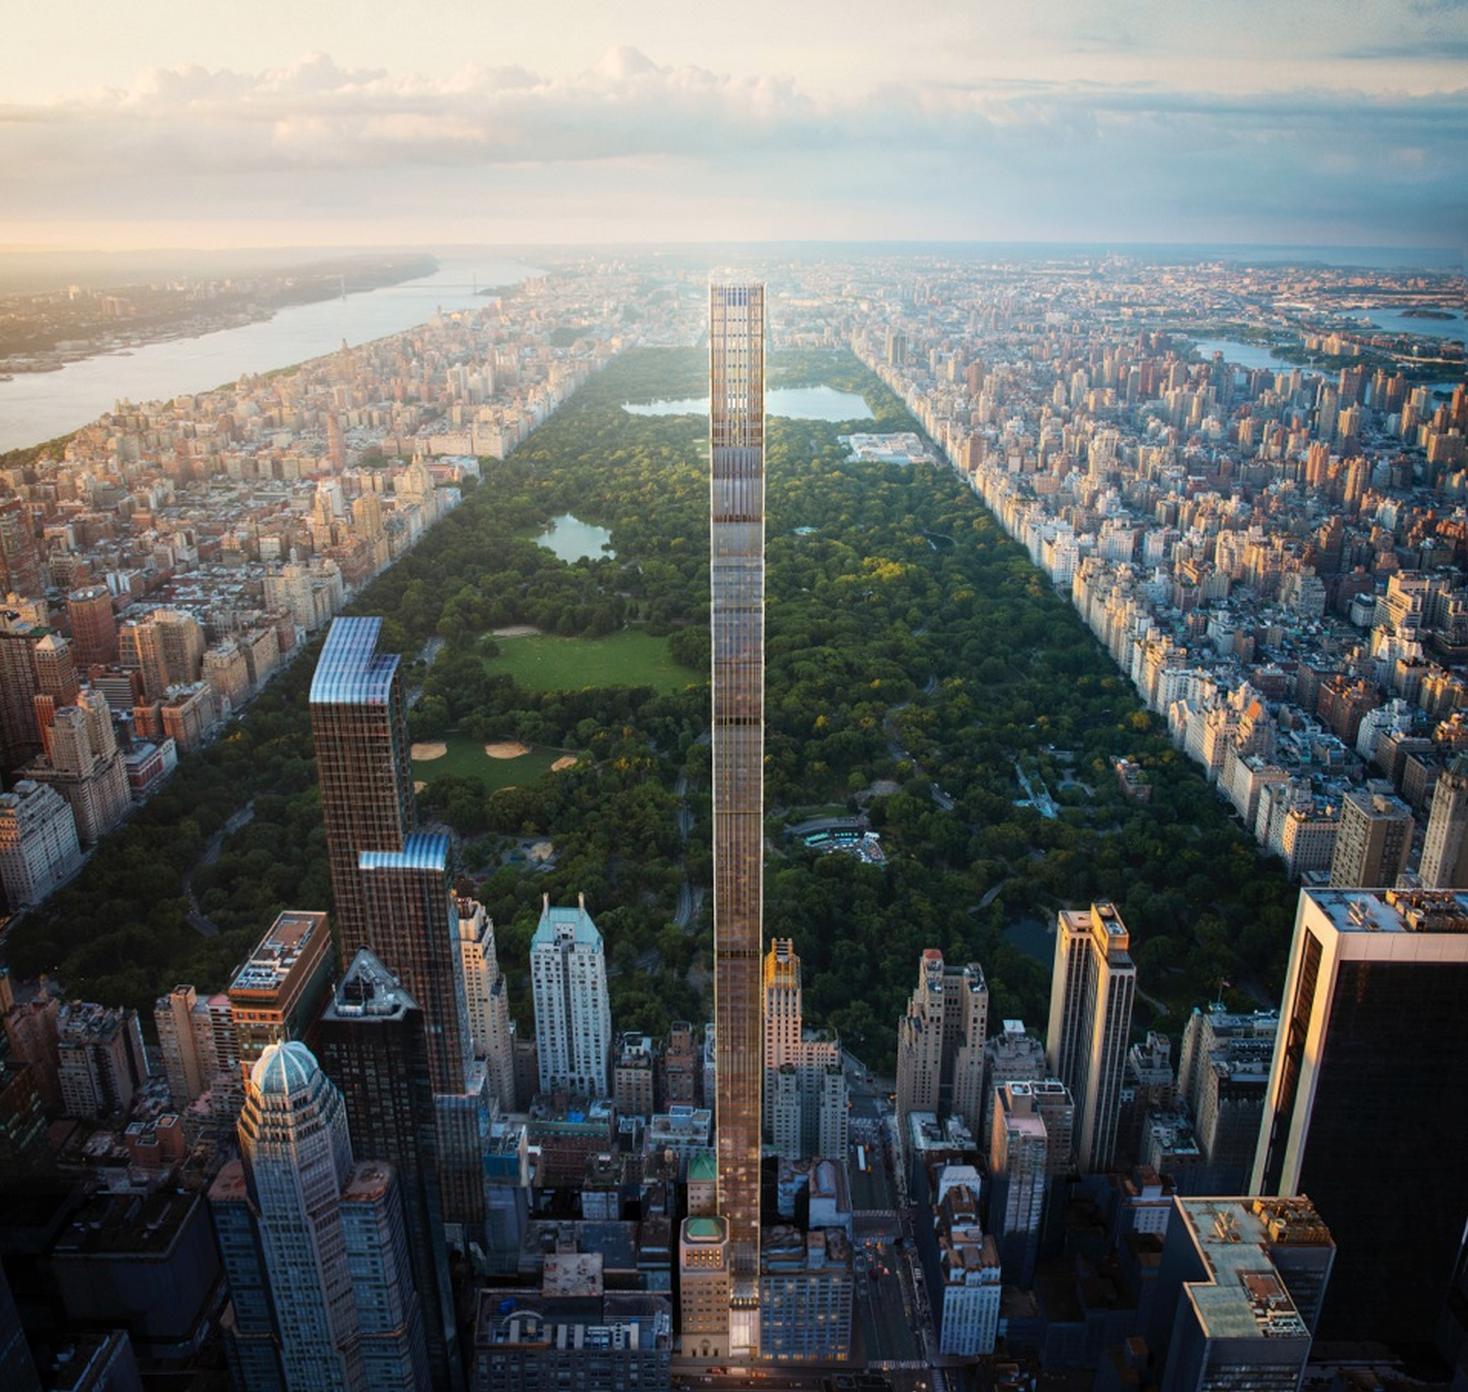 Foto: www.newyorkyimby.com/